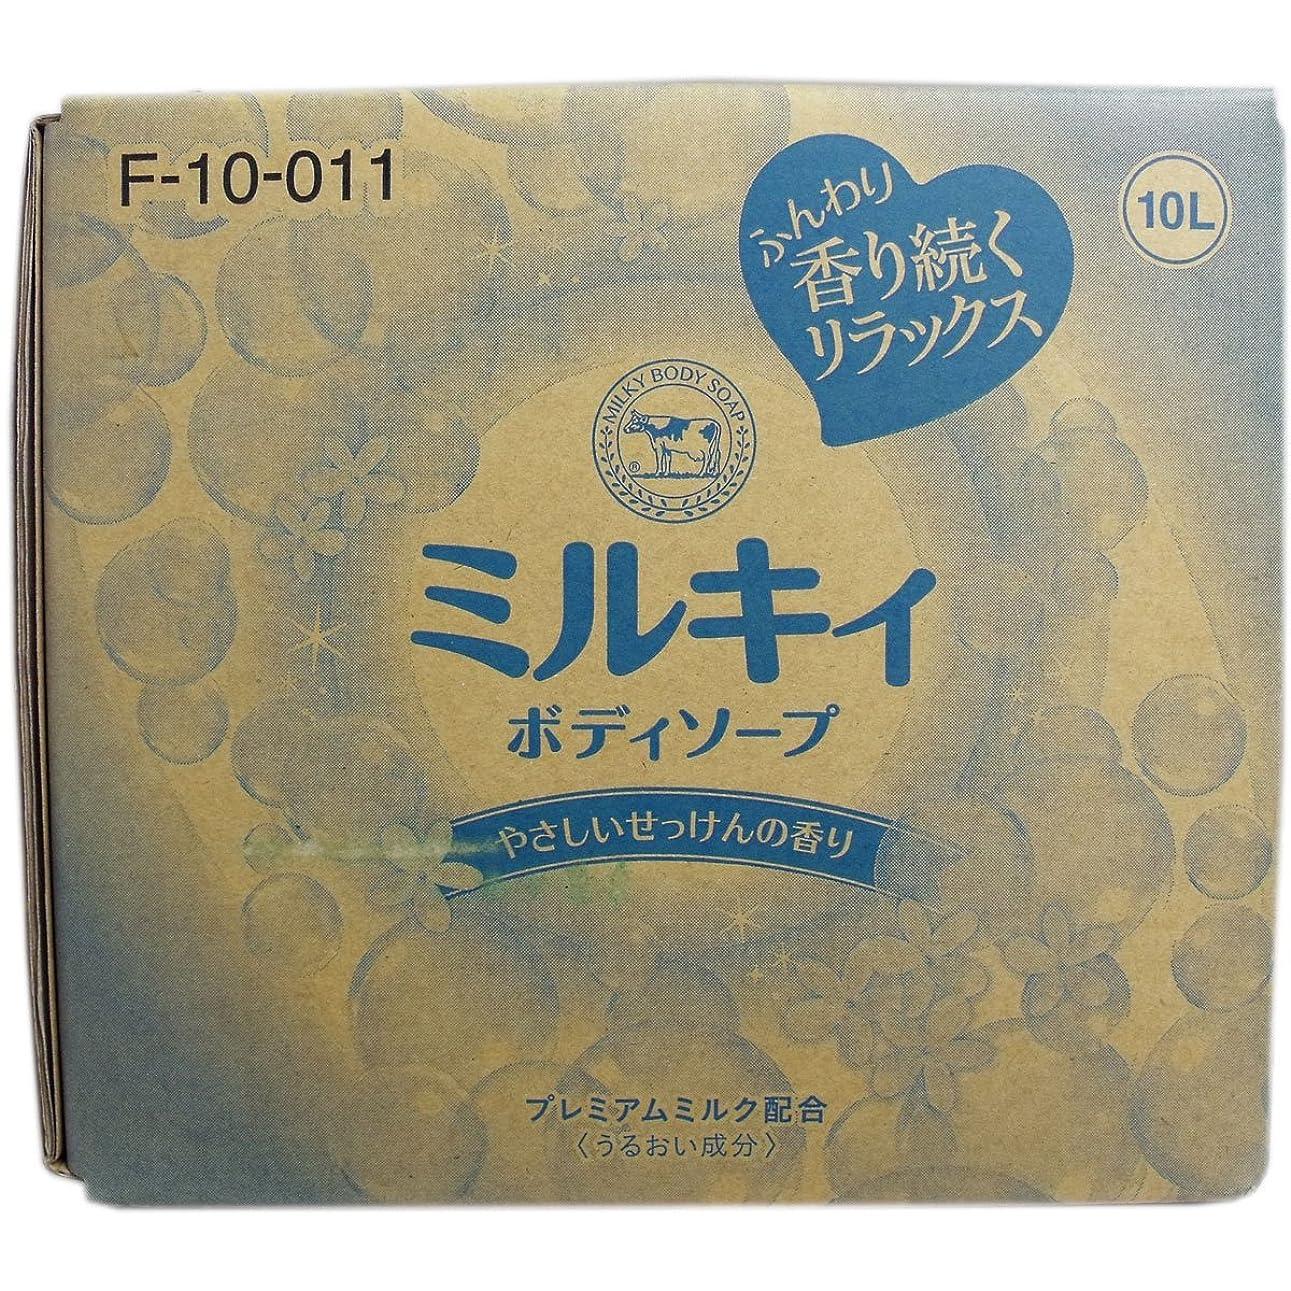 フェッチレクリエーションお誕生日業務用ボディーソープ【牛乳石鹸 ミルキィボディソープ やさしいせっけんの香り 10L】